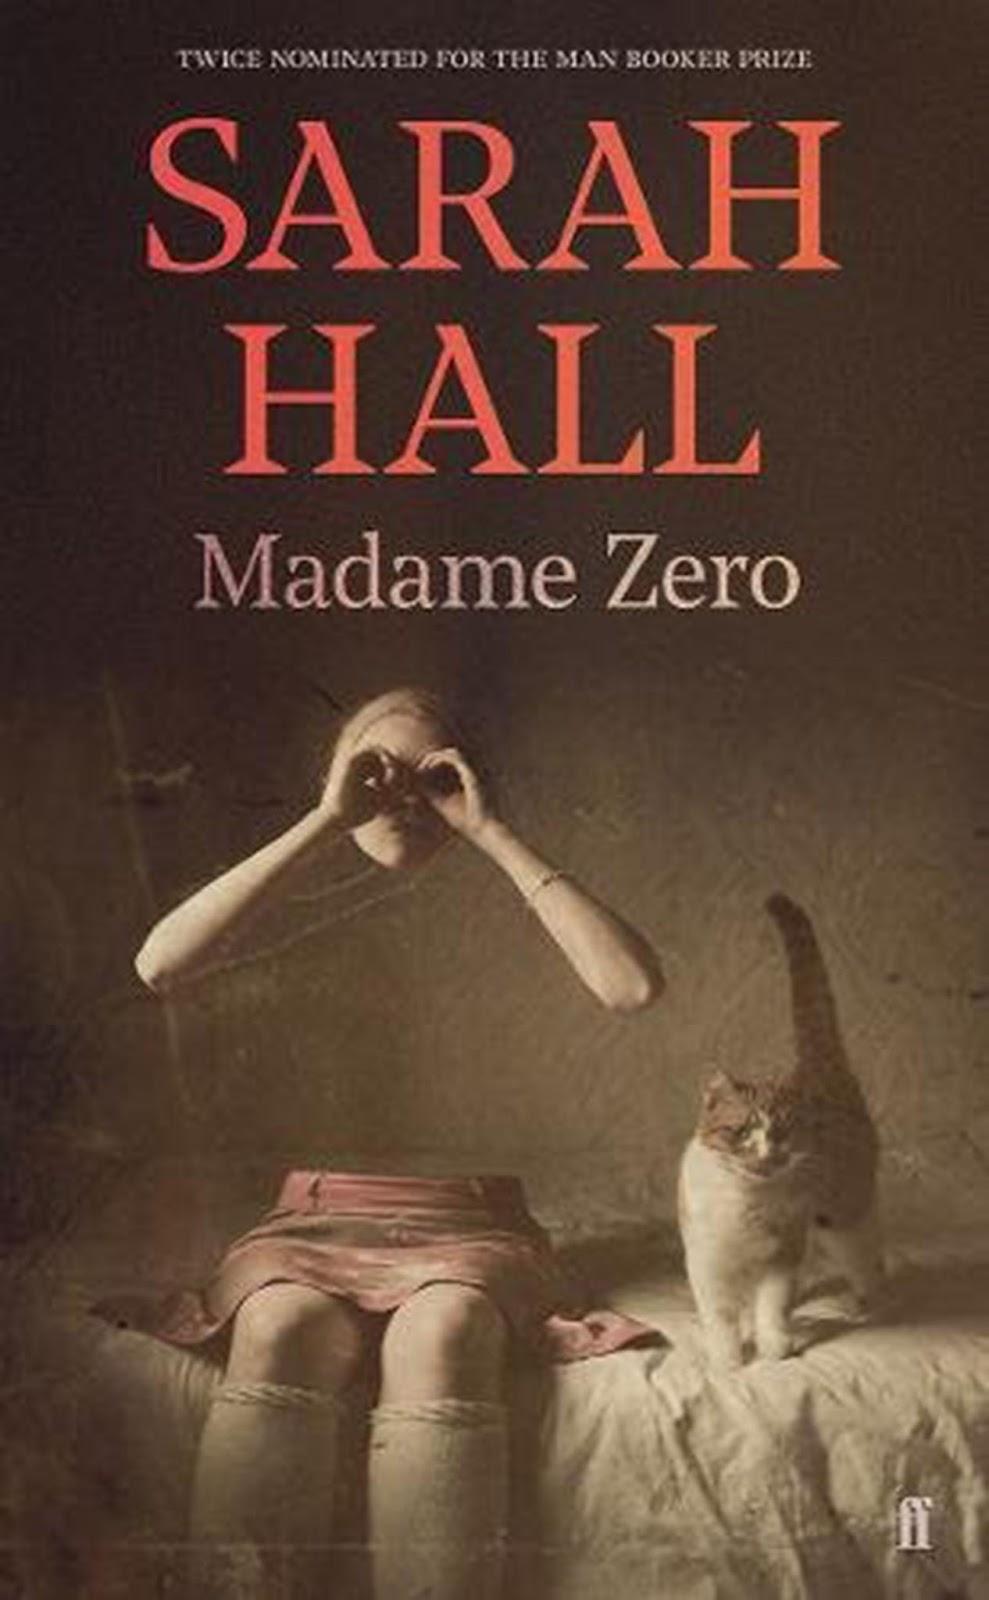 Madame Zero by Sarah Hall